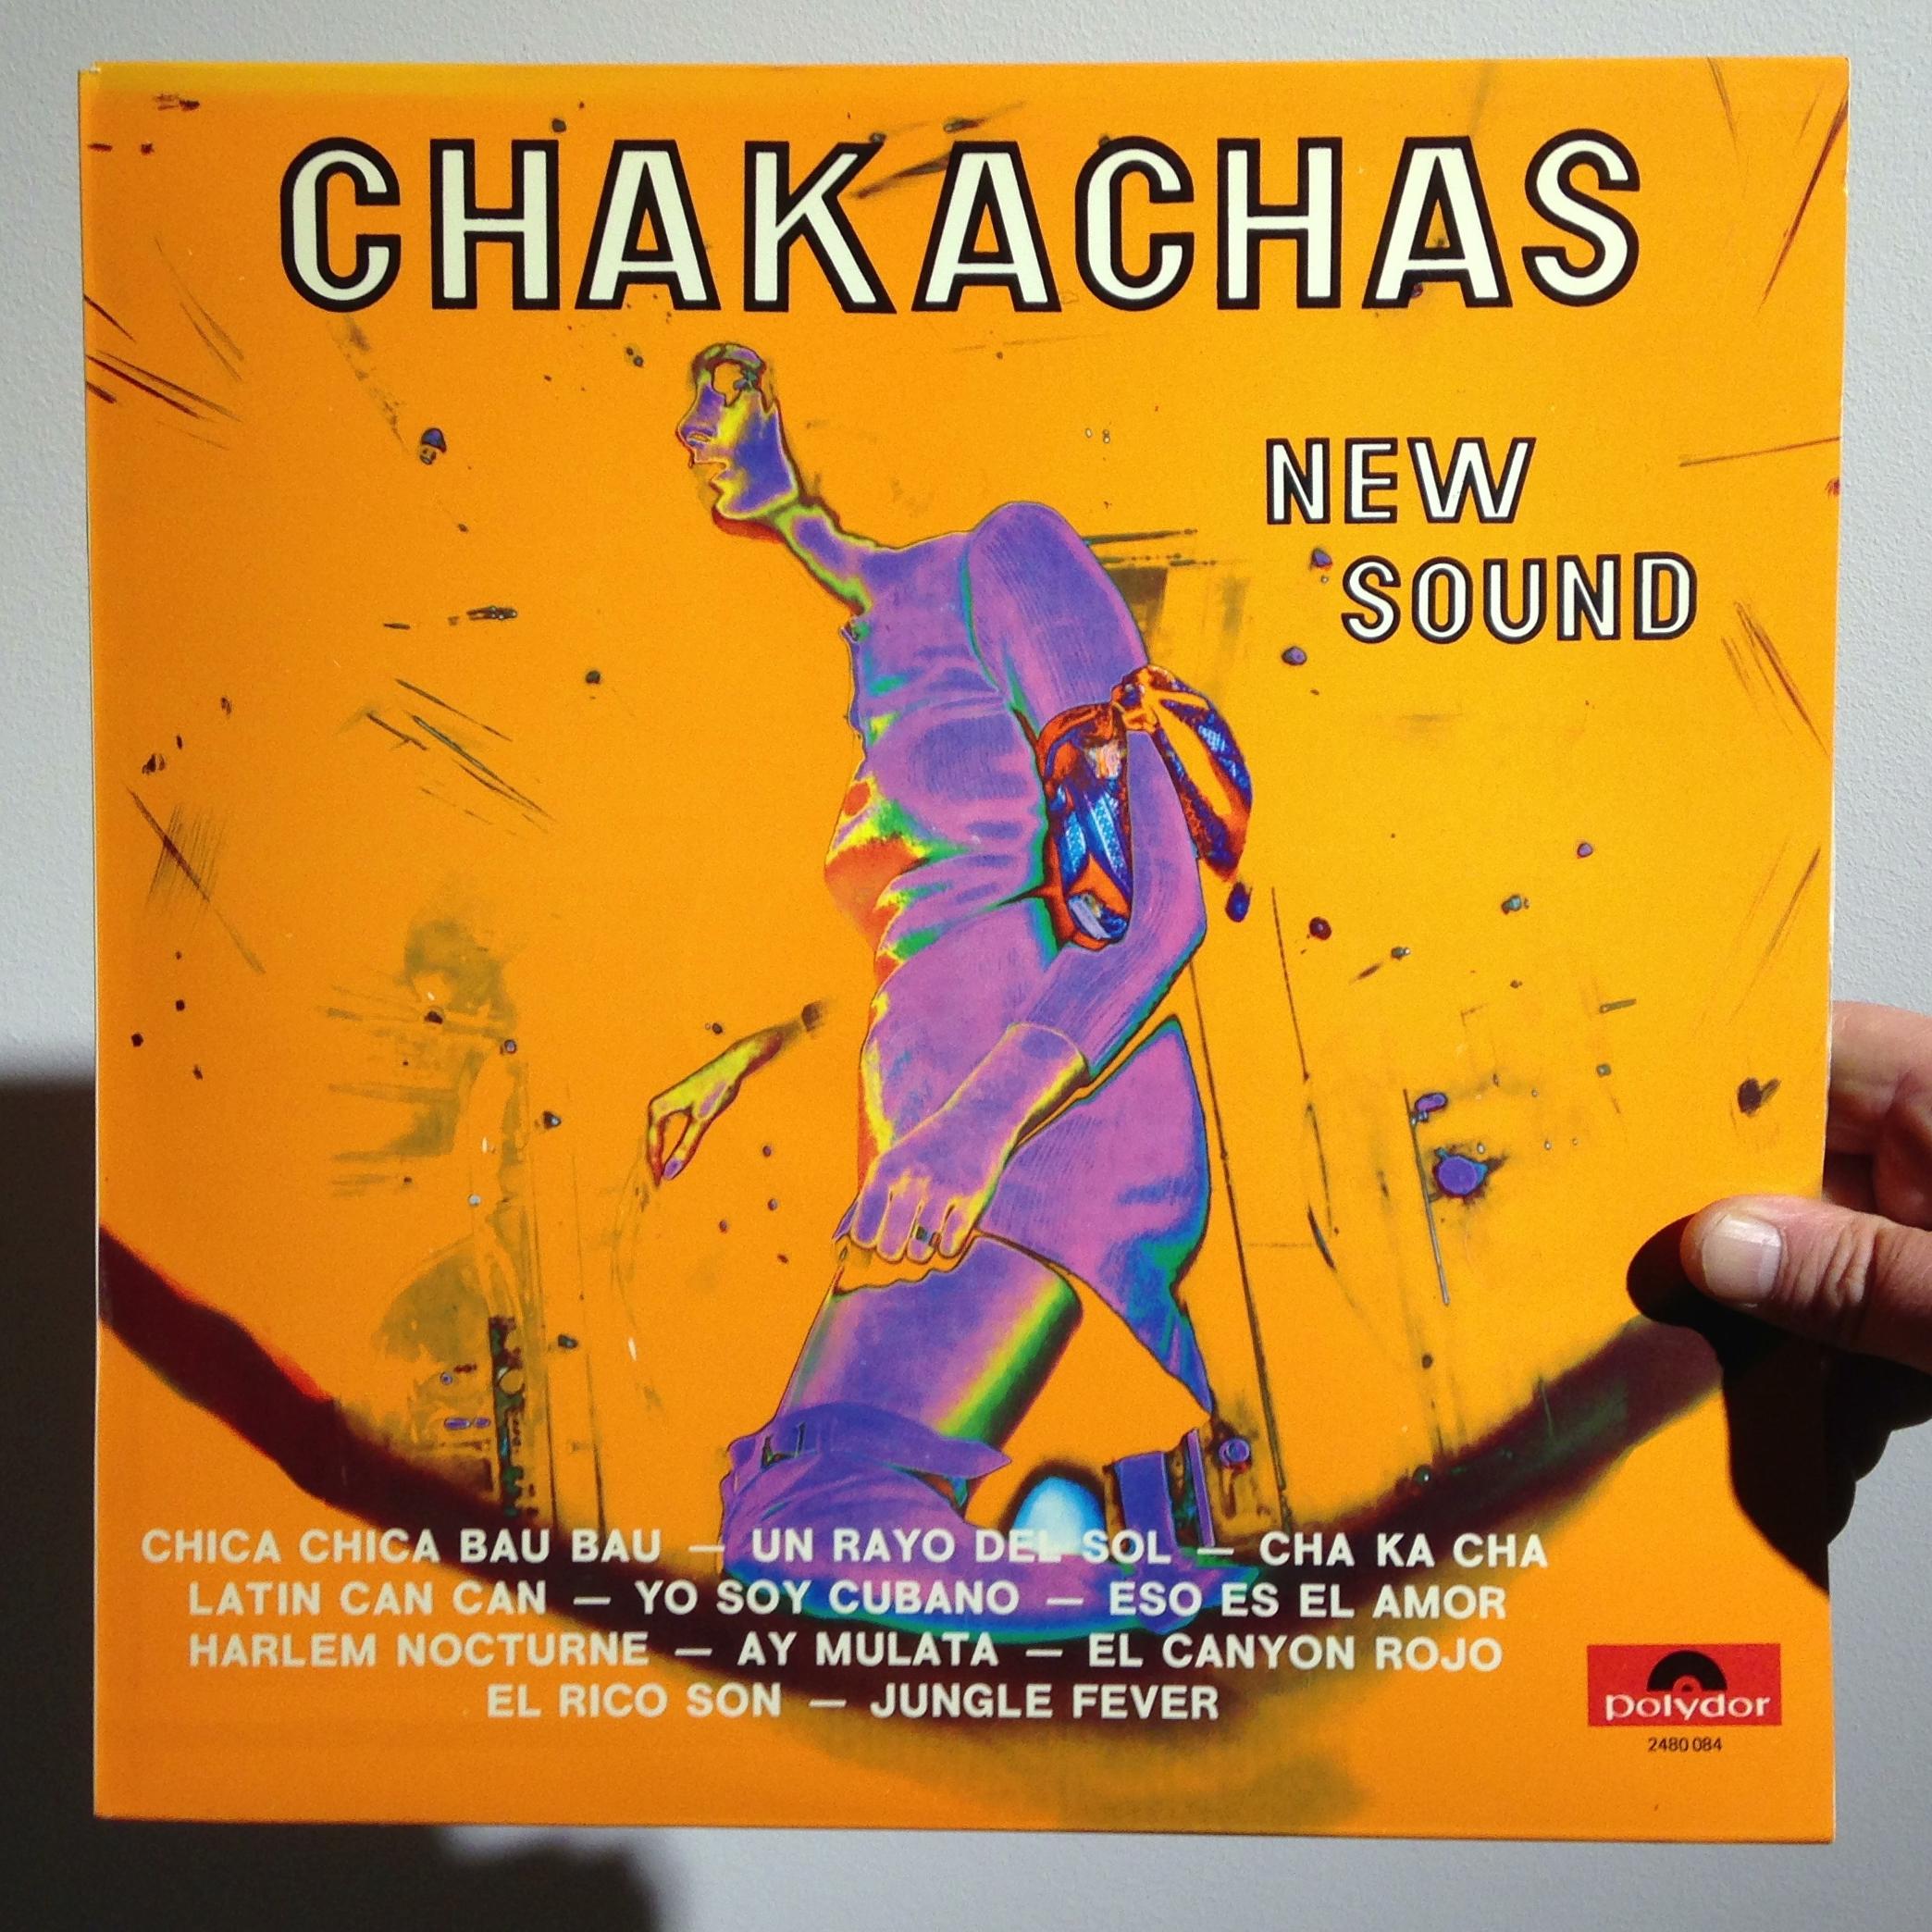 dj50s ep035 sleeve chakachas